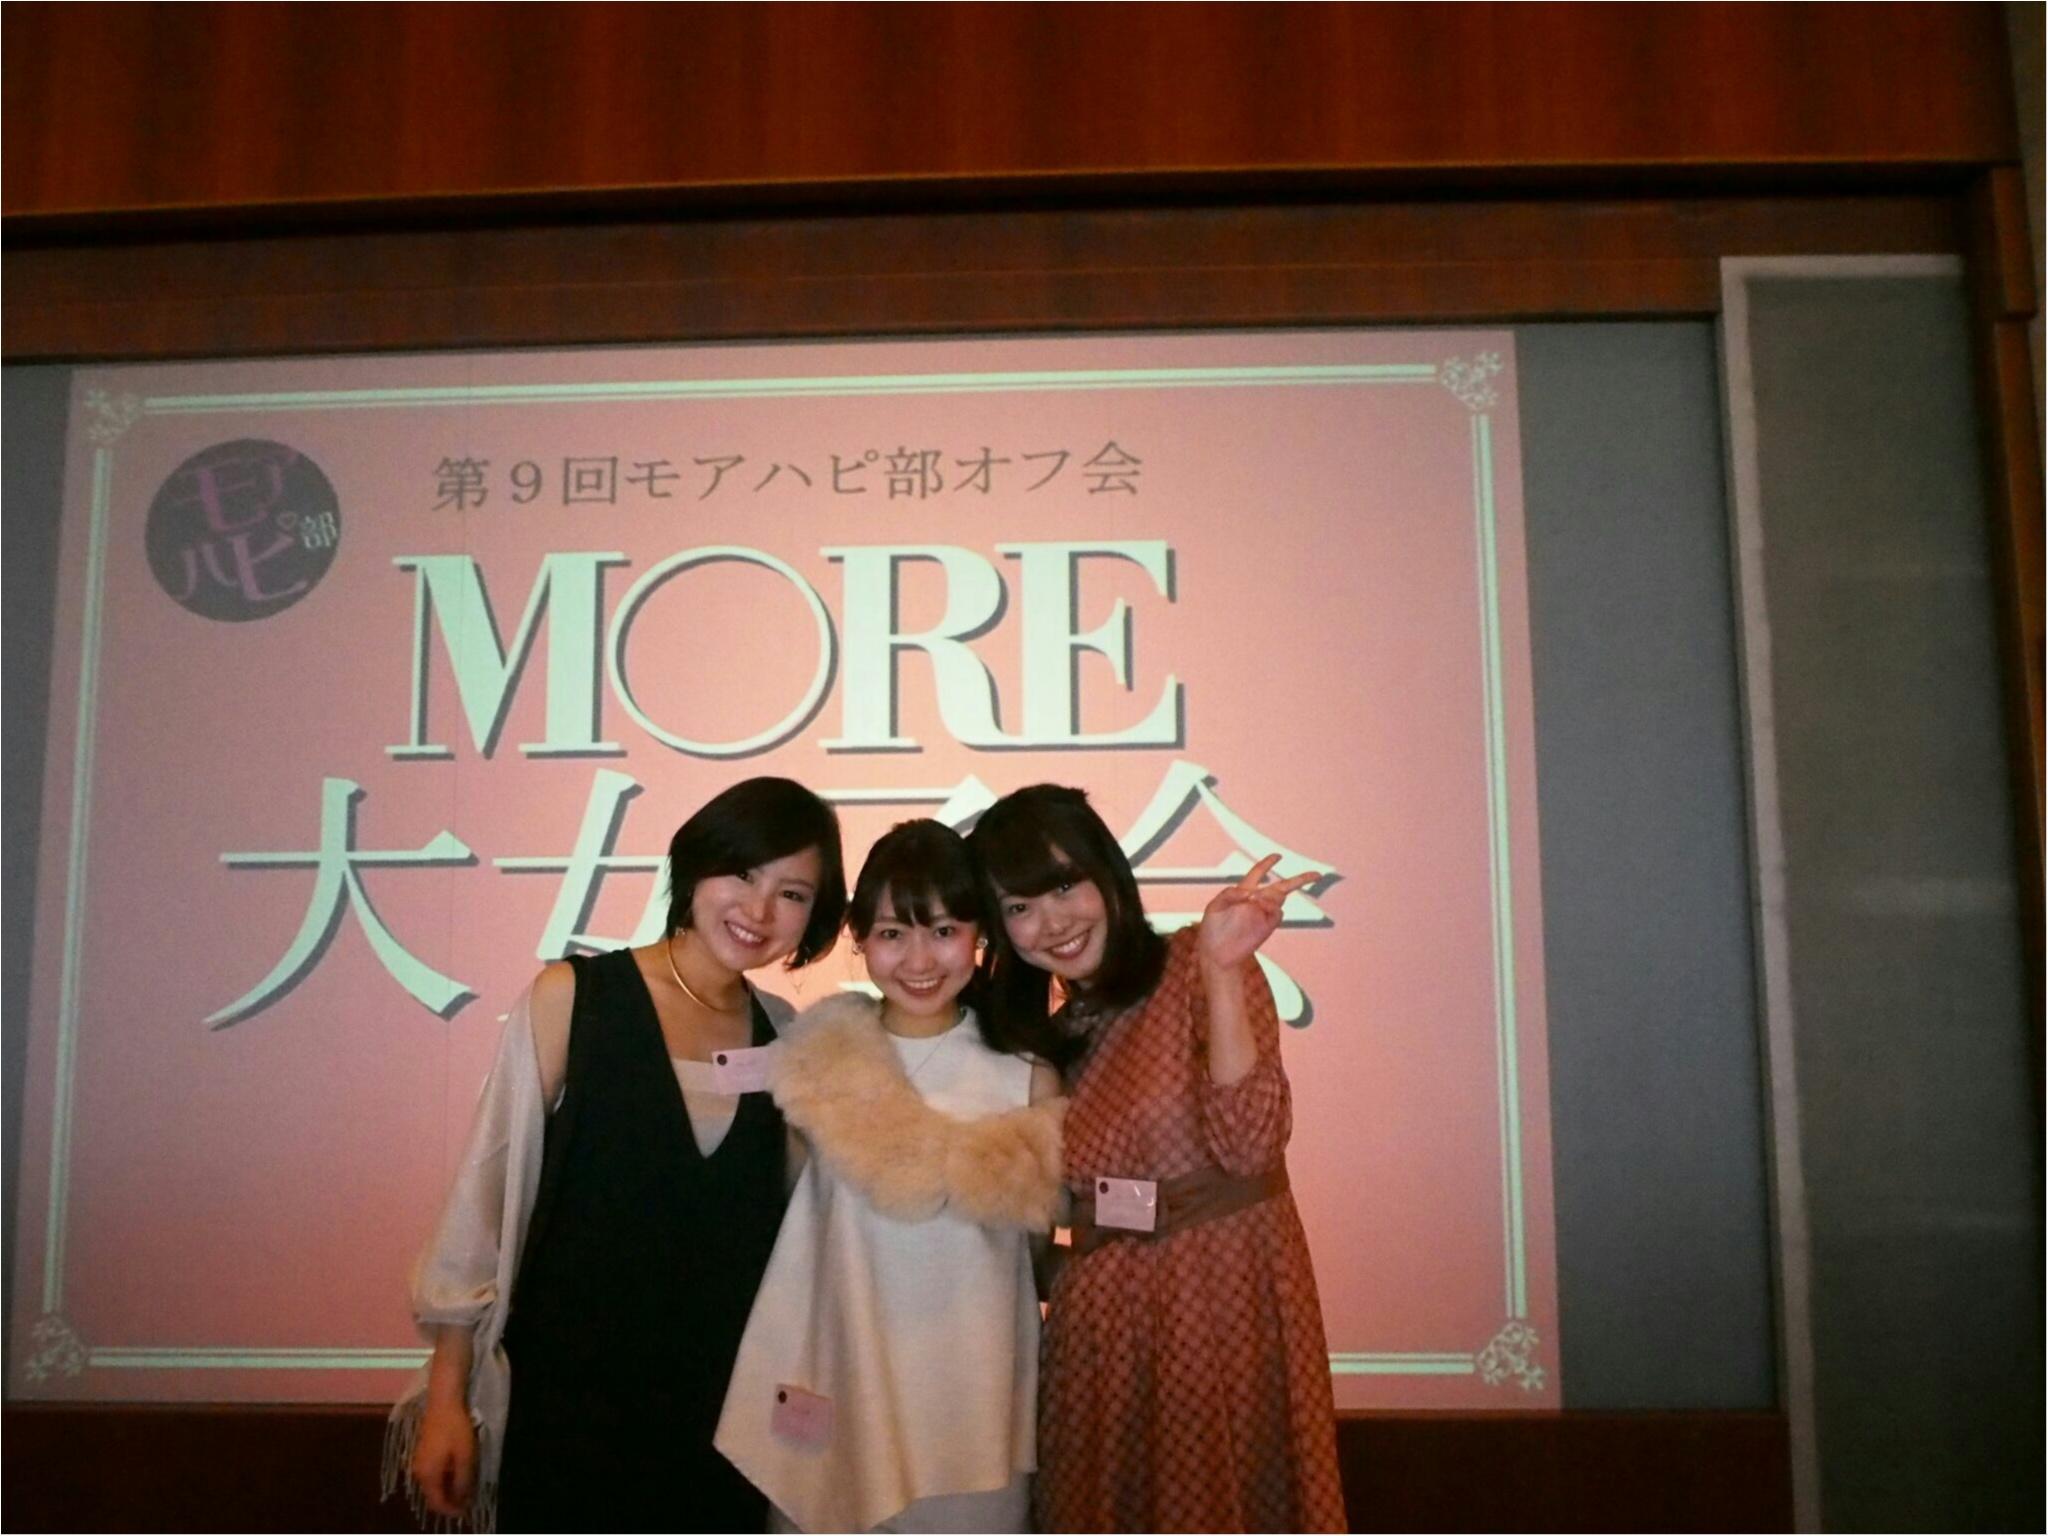 モアハピ部が集結!「MORE大女子会2017」の様子が2月28日発売のMORE4月号に掲載中?!あなたも雑誌に出るチャンスがあるかも?_1